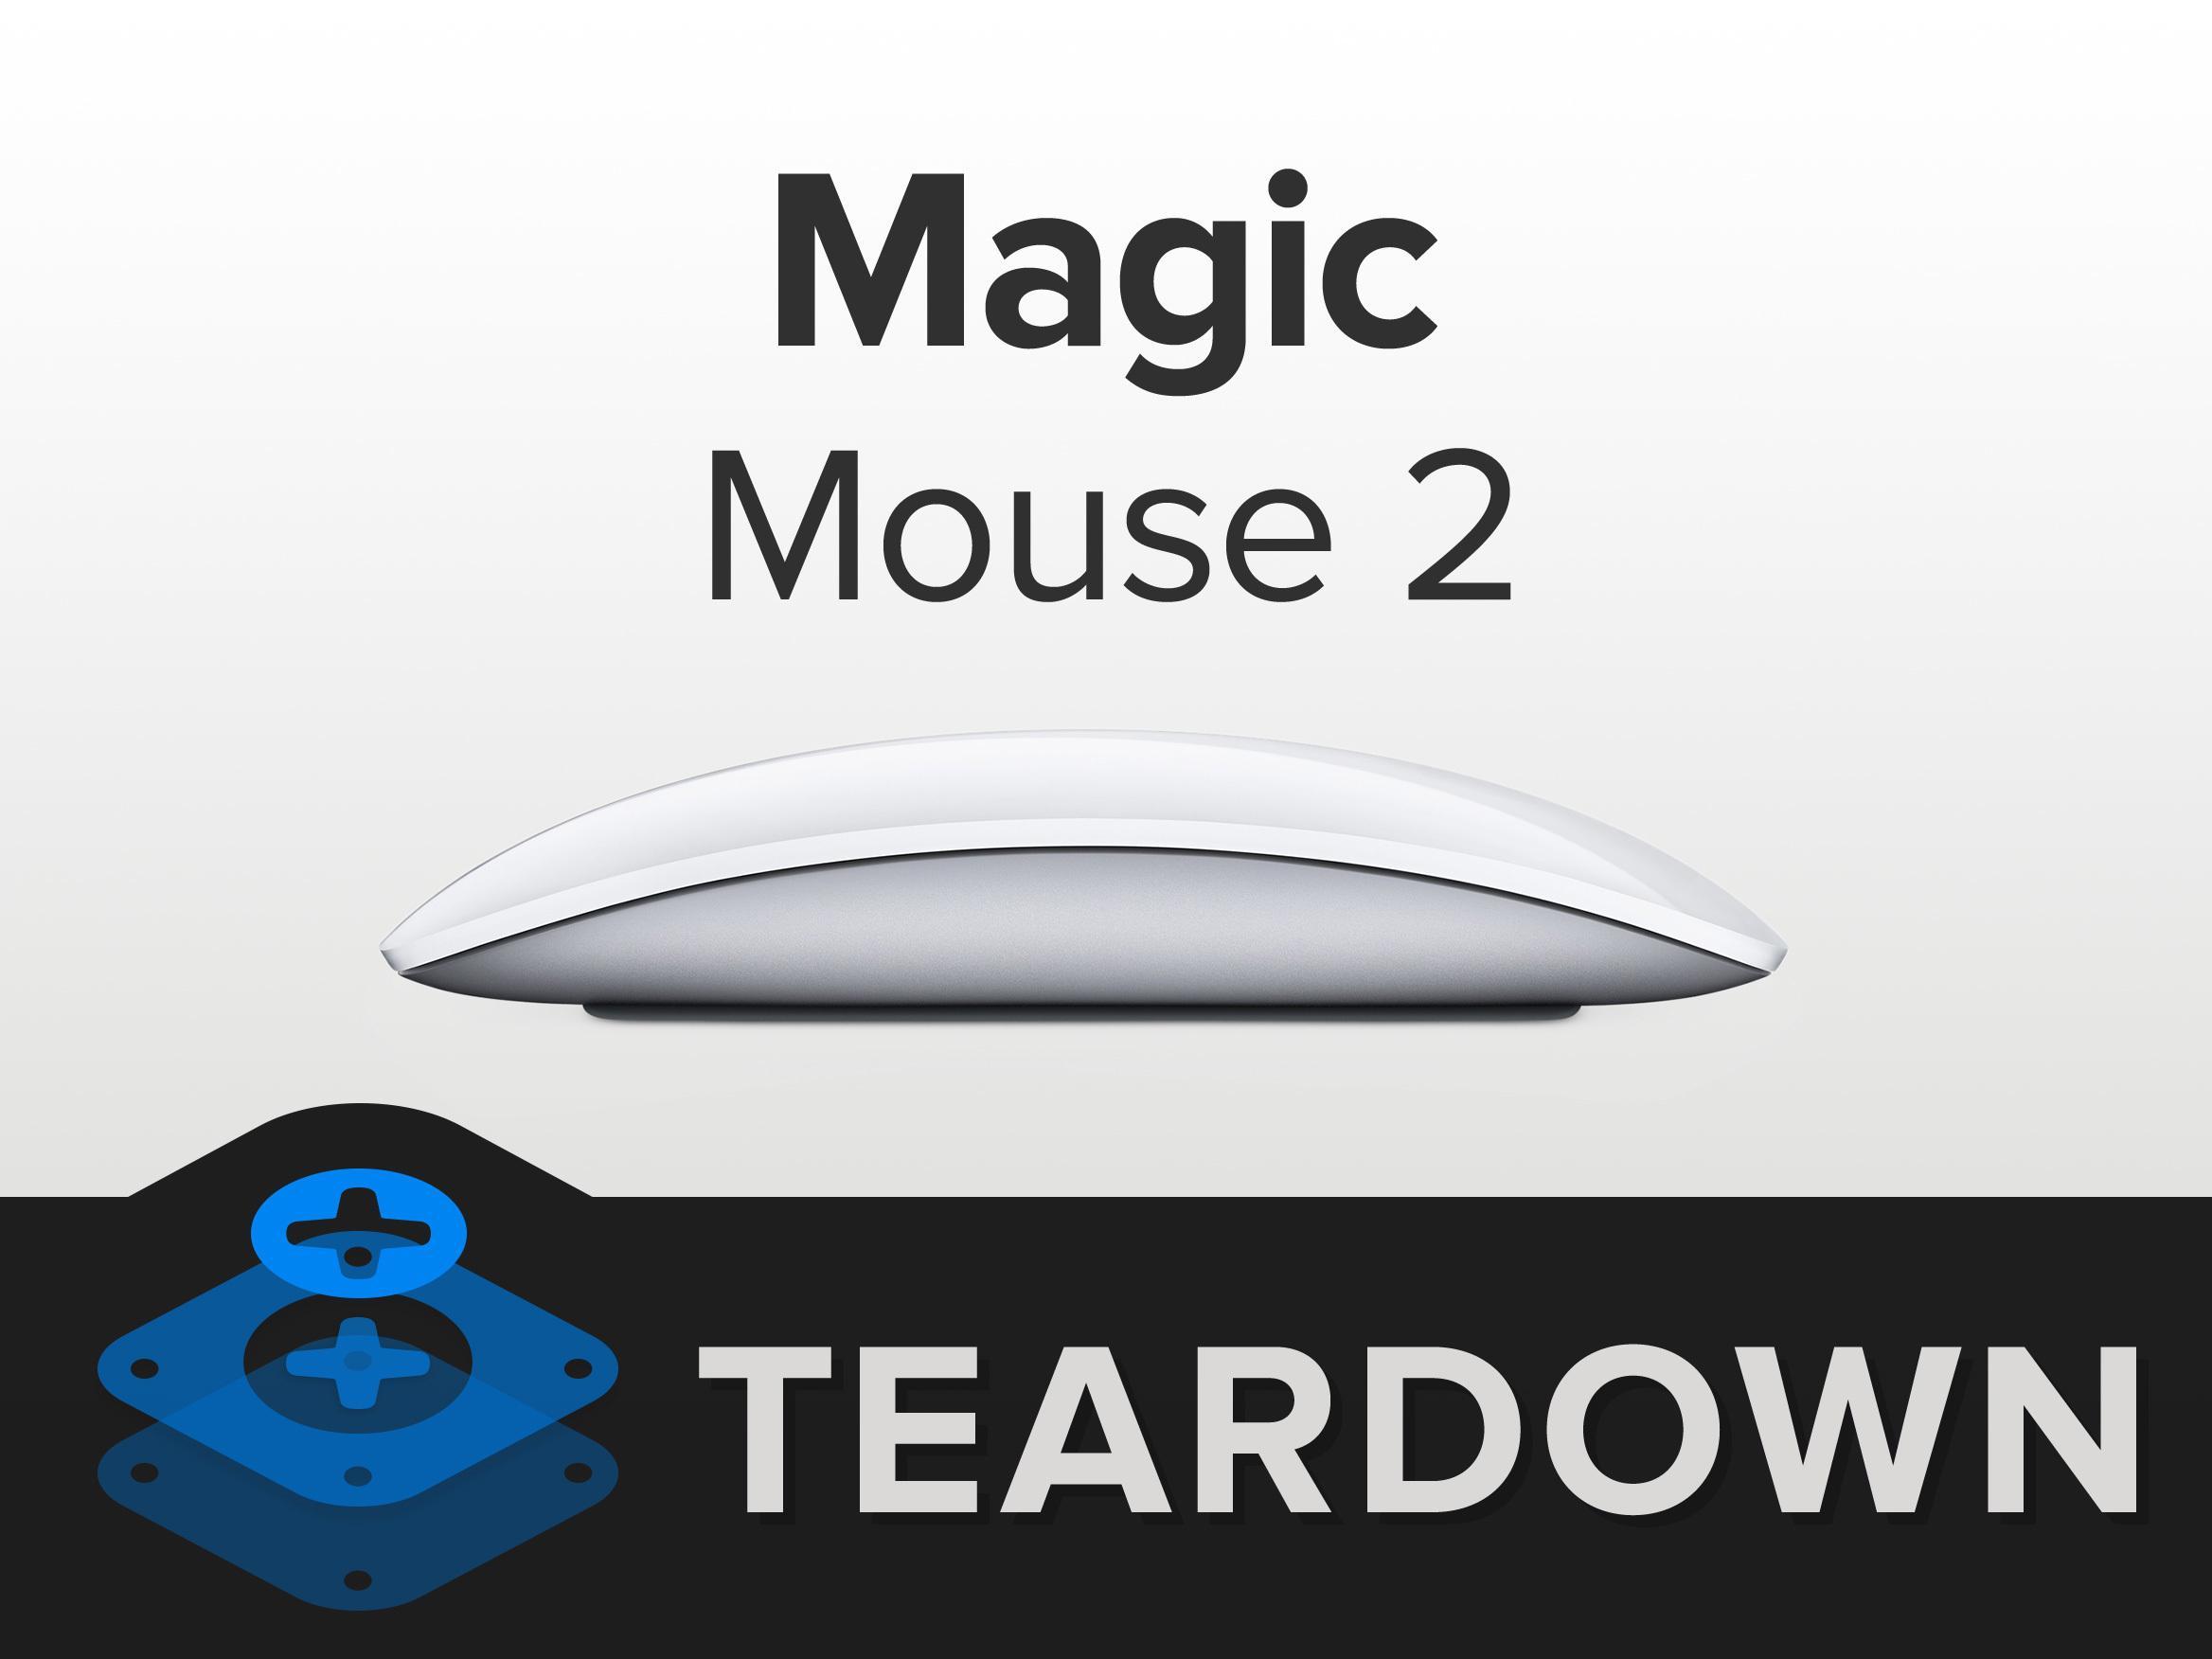 苹果魔力鼠标2拆解 有什么亮点呢